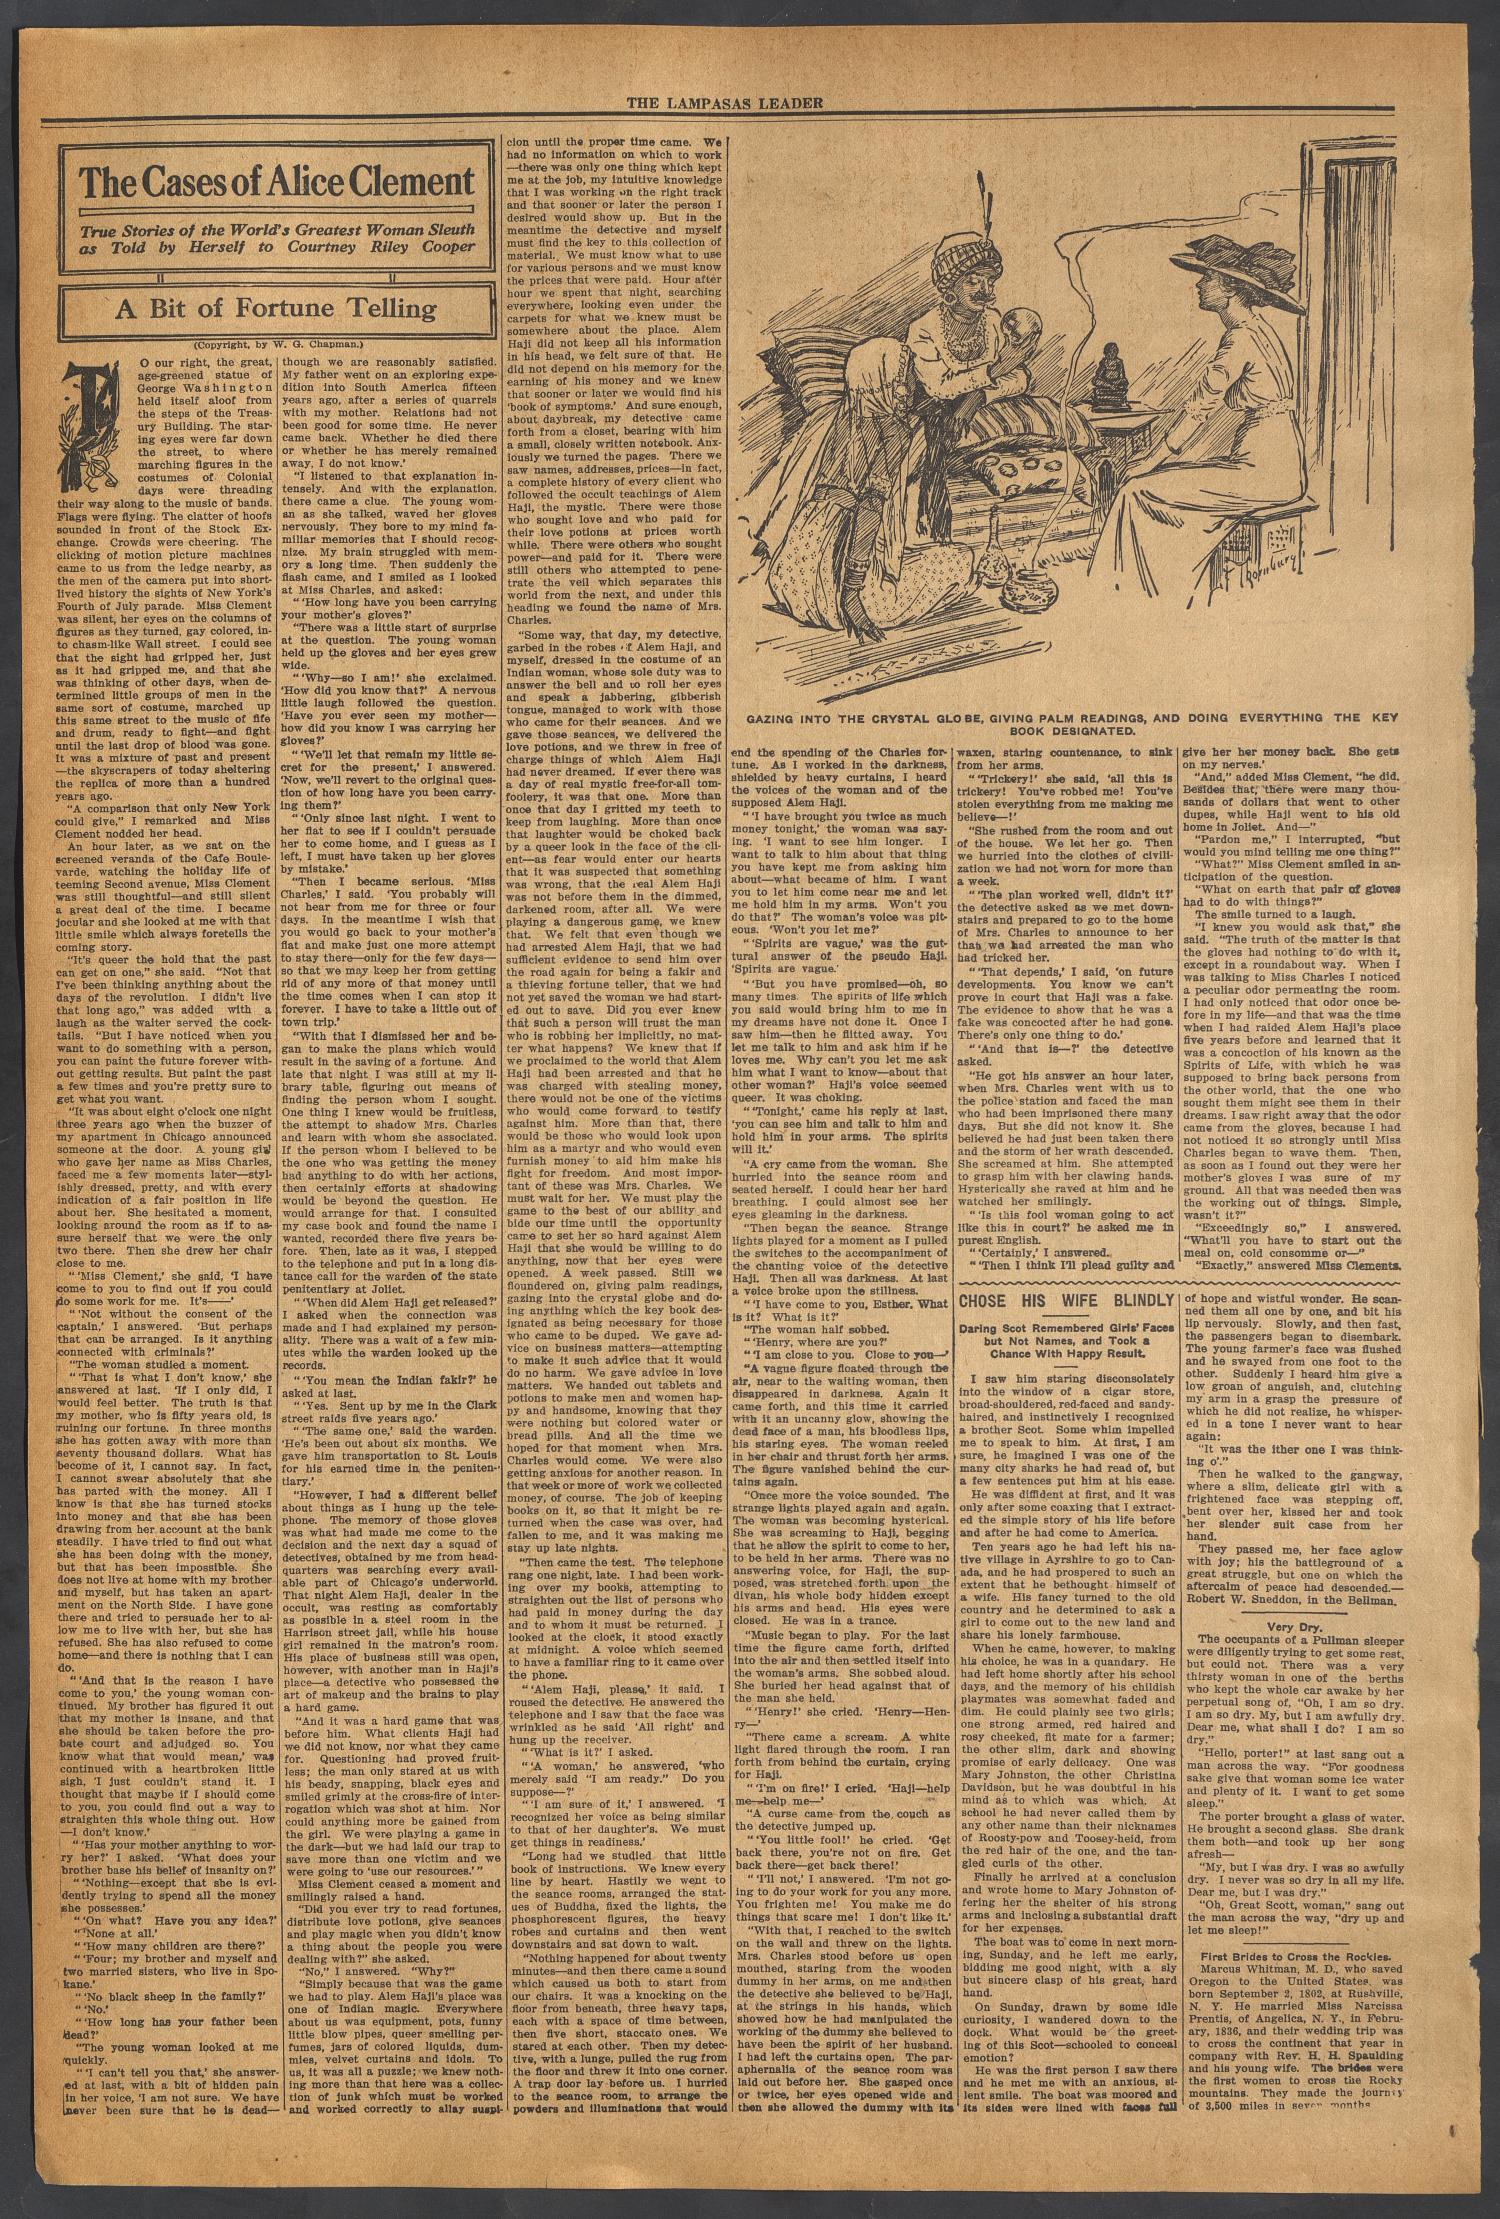 The Lampasas Daily Leader (Lampasas, Tex ), Vol  29, No  122